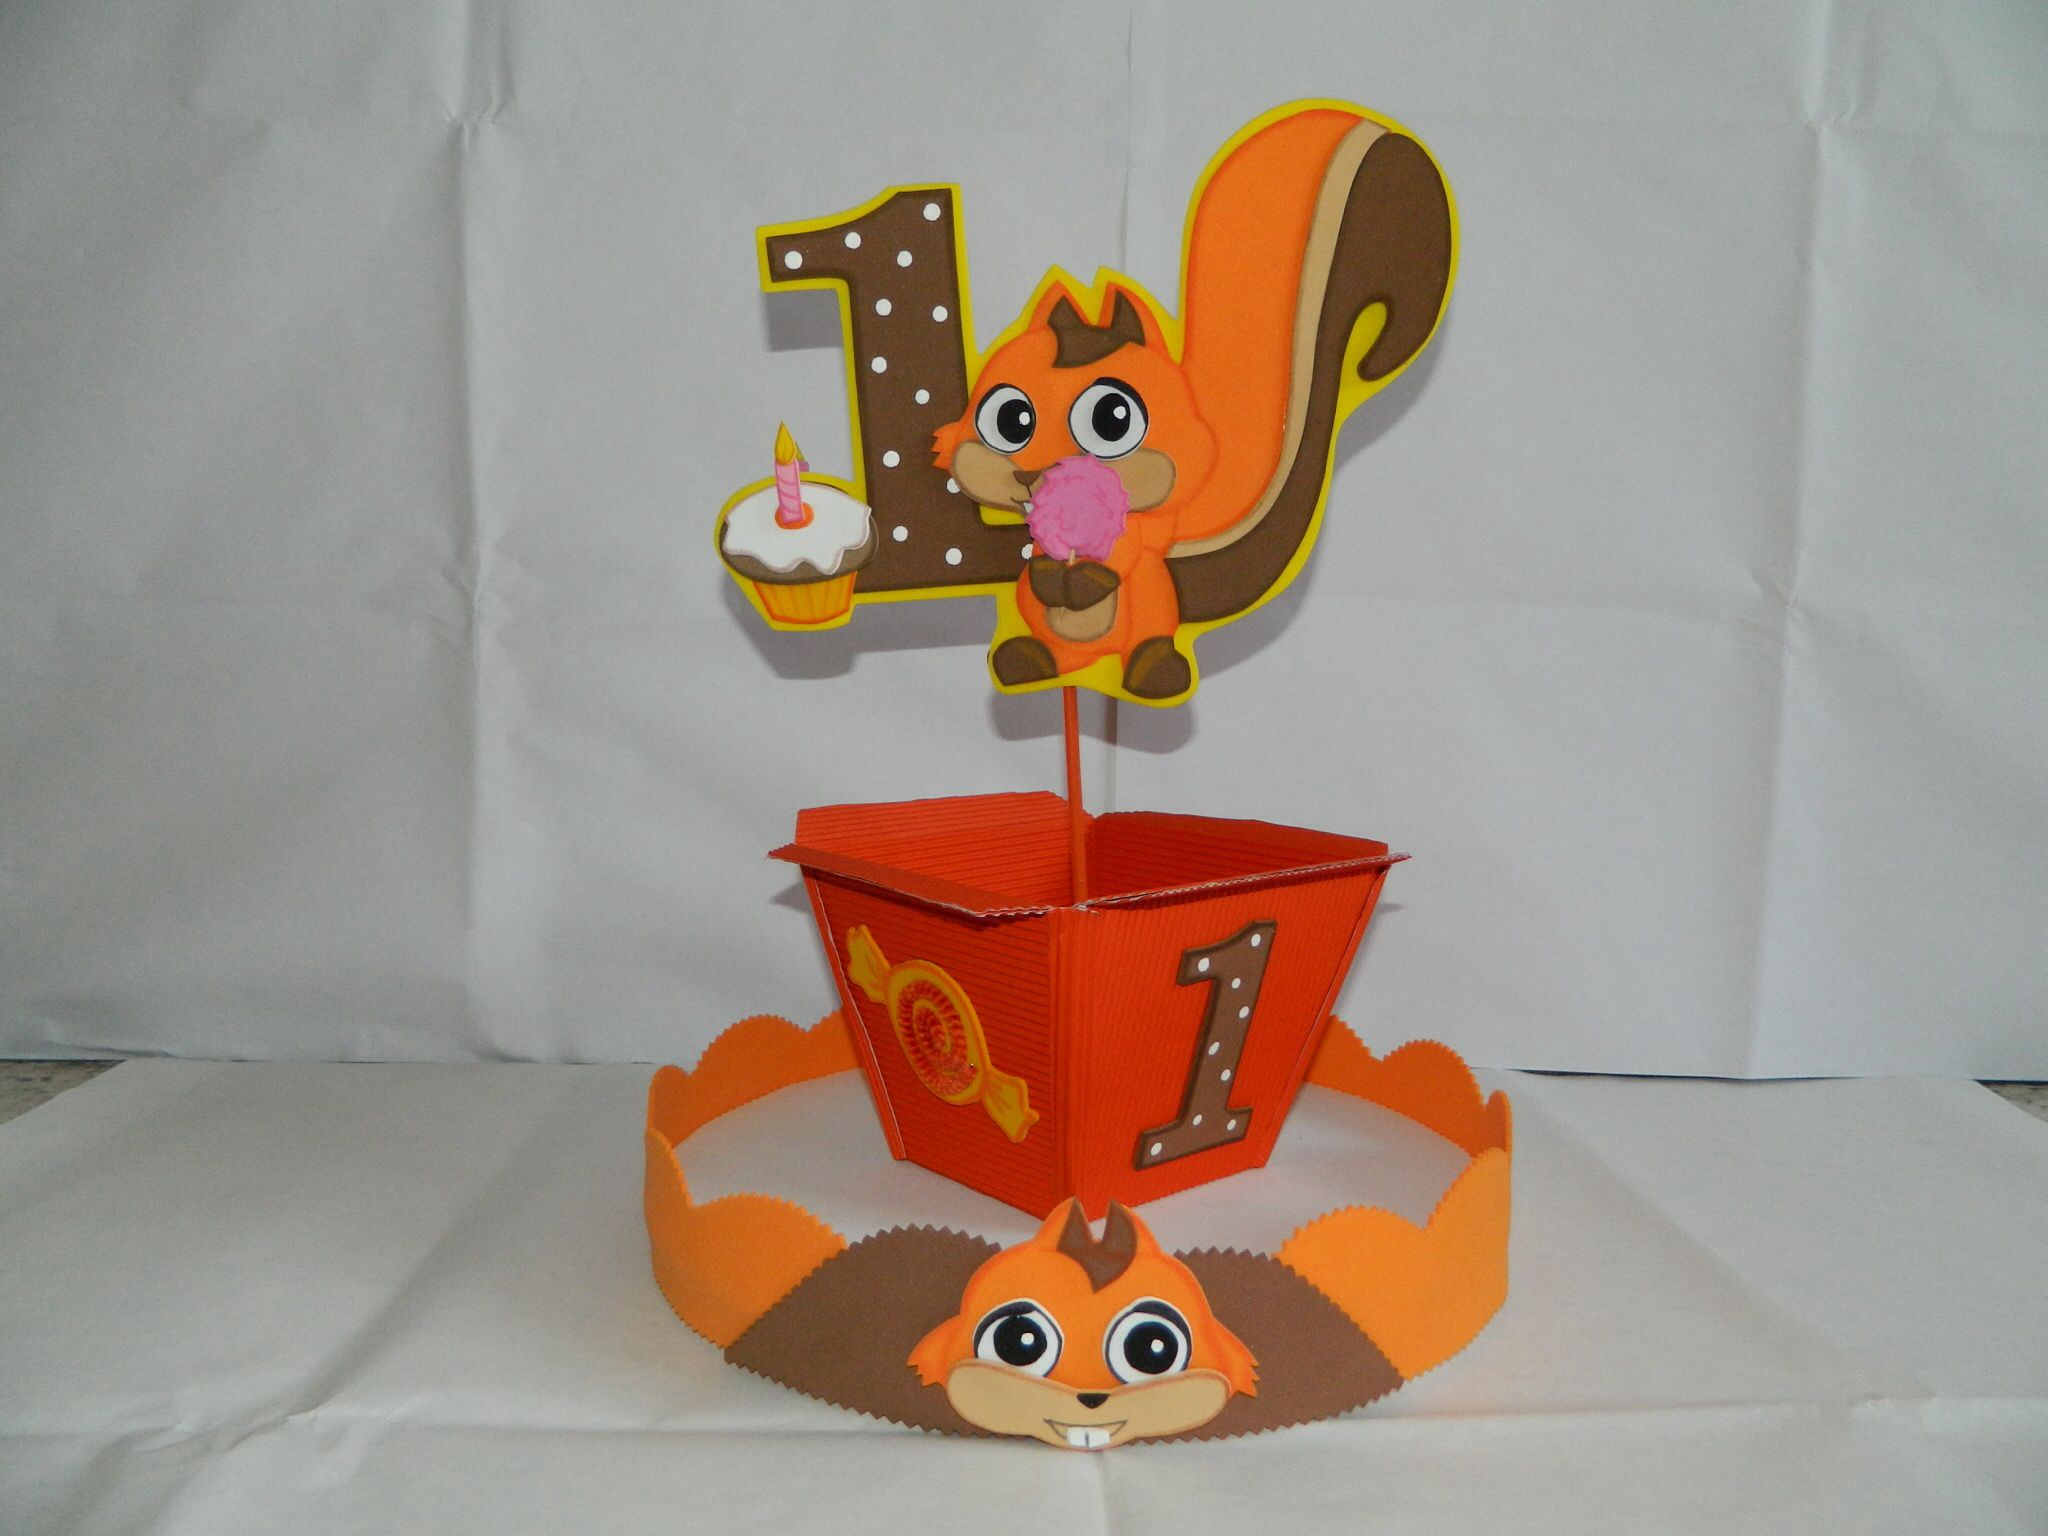 Centro de mesa baby tv decoraciones para fiestas for Decoracion de mesas infantiles